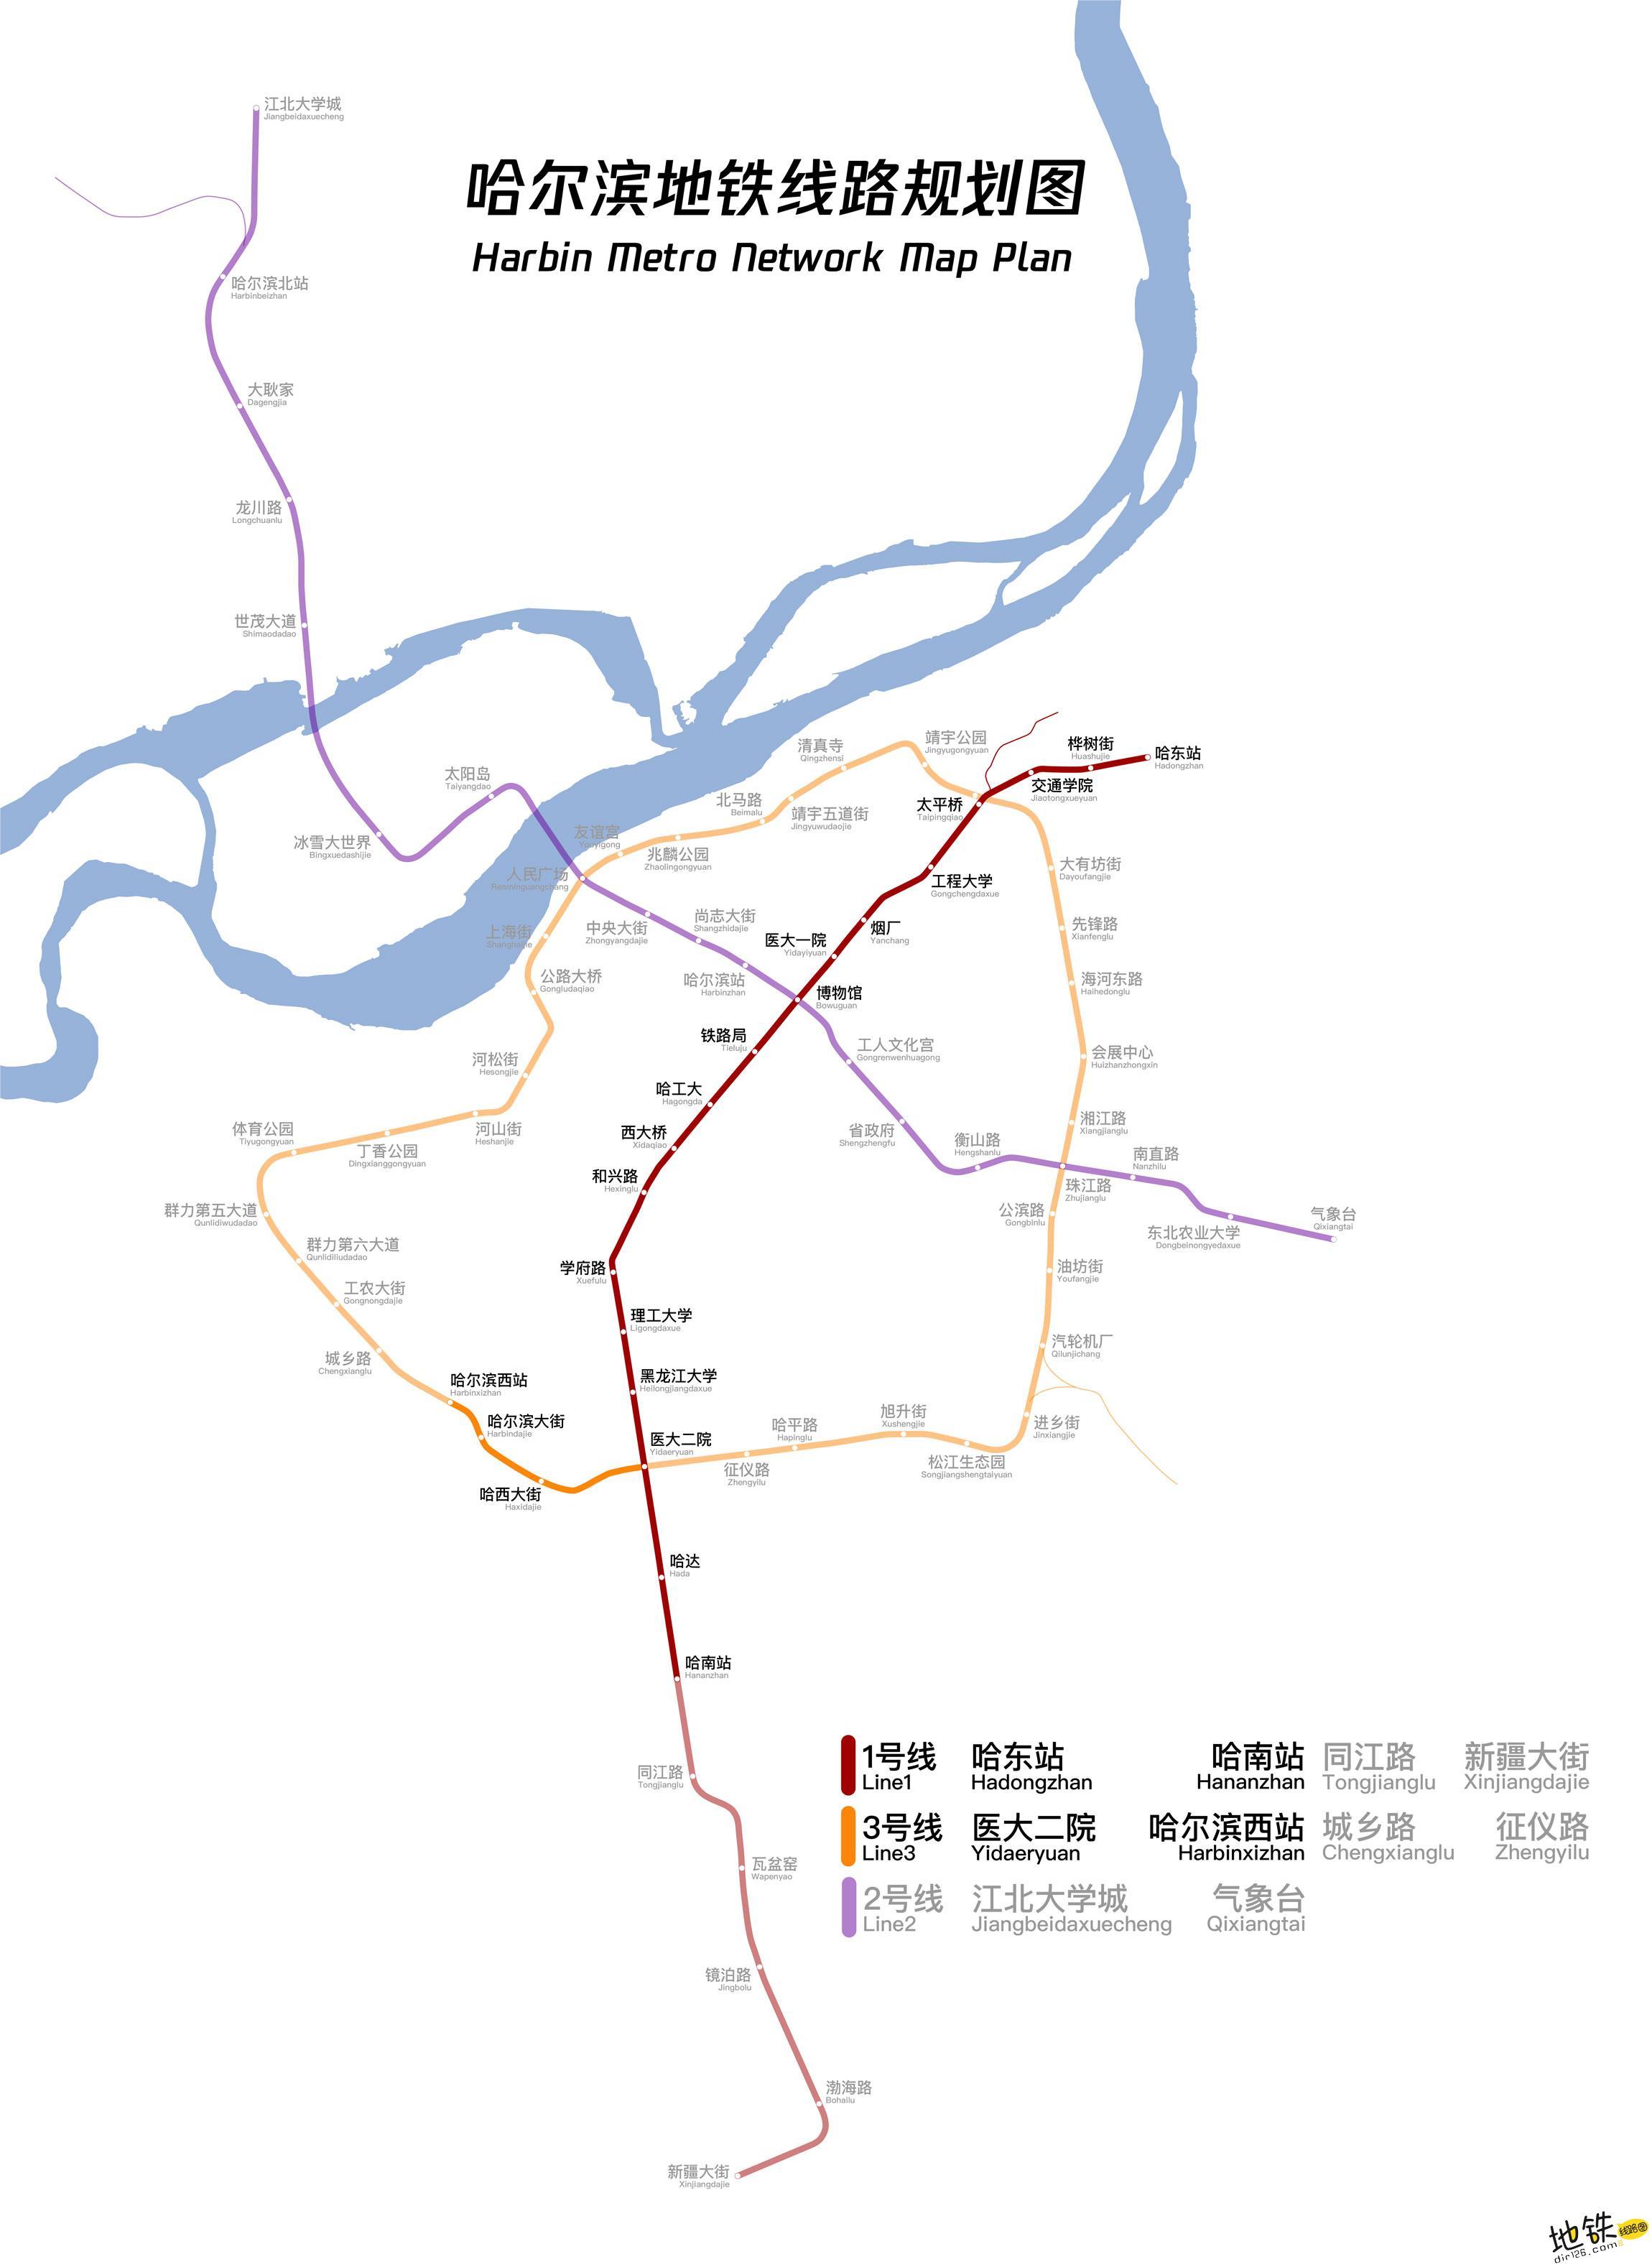 哈尔滨地铁线路图 运营时间票价站点 查询下载 哈尔滨地铁查询 哈尔滨地铁线路图 哈尔滨地铁票价 哈尔滨地铁运营时间 哈尔滨地铁 哈尔滨地铁线路图  第3张